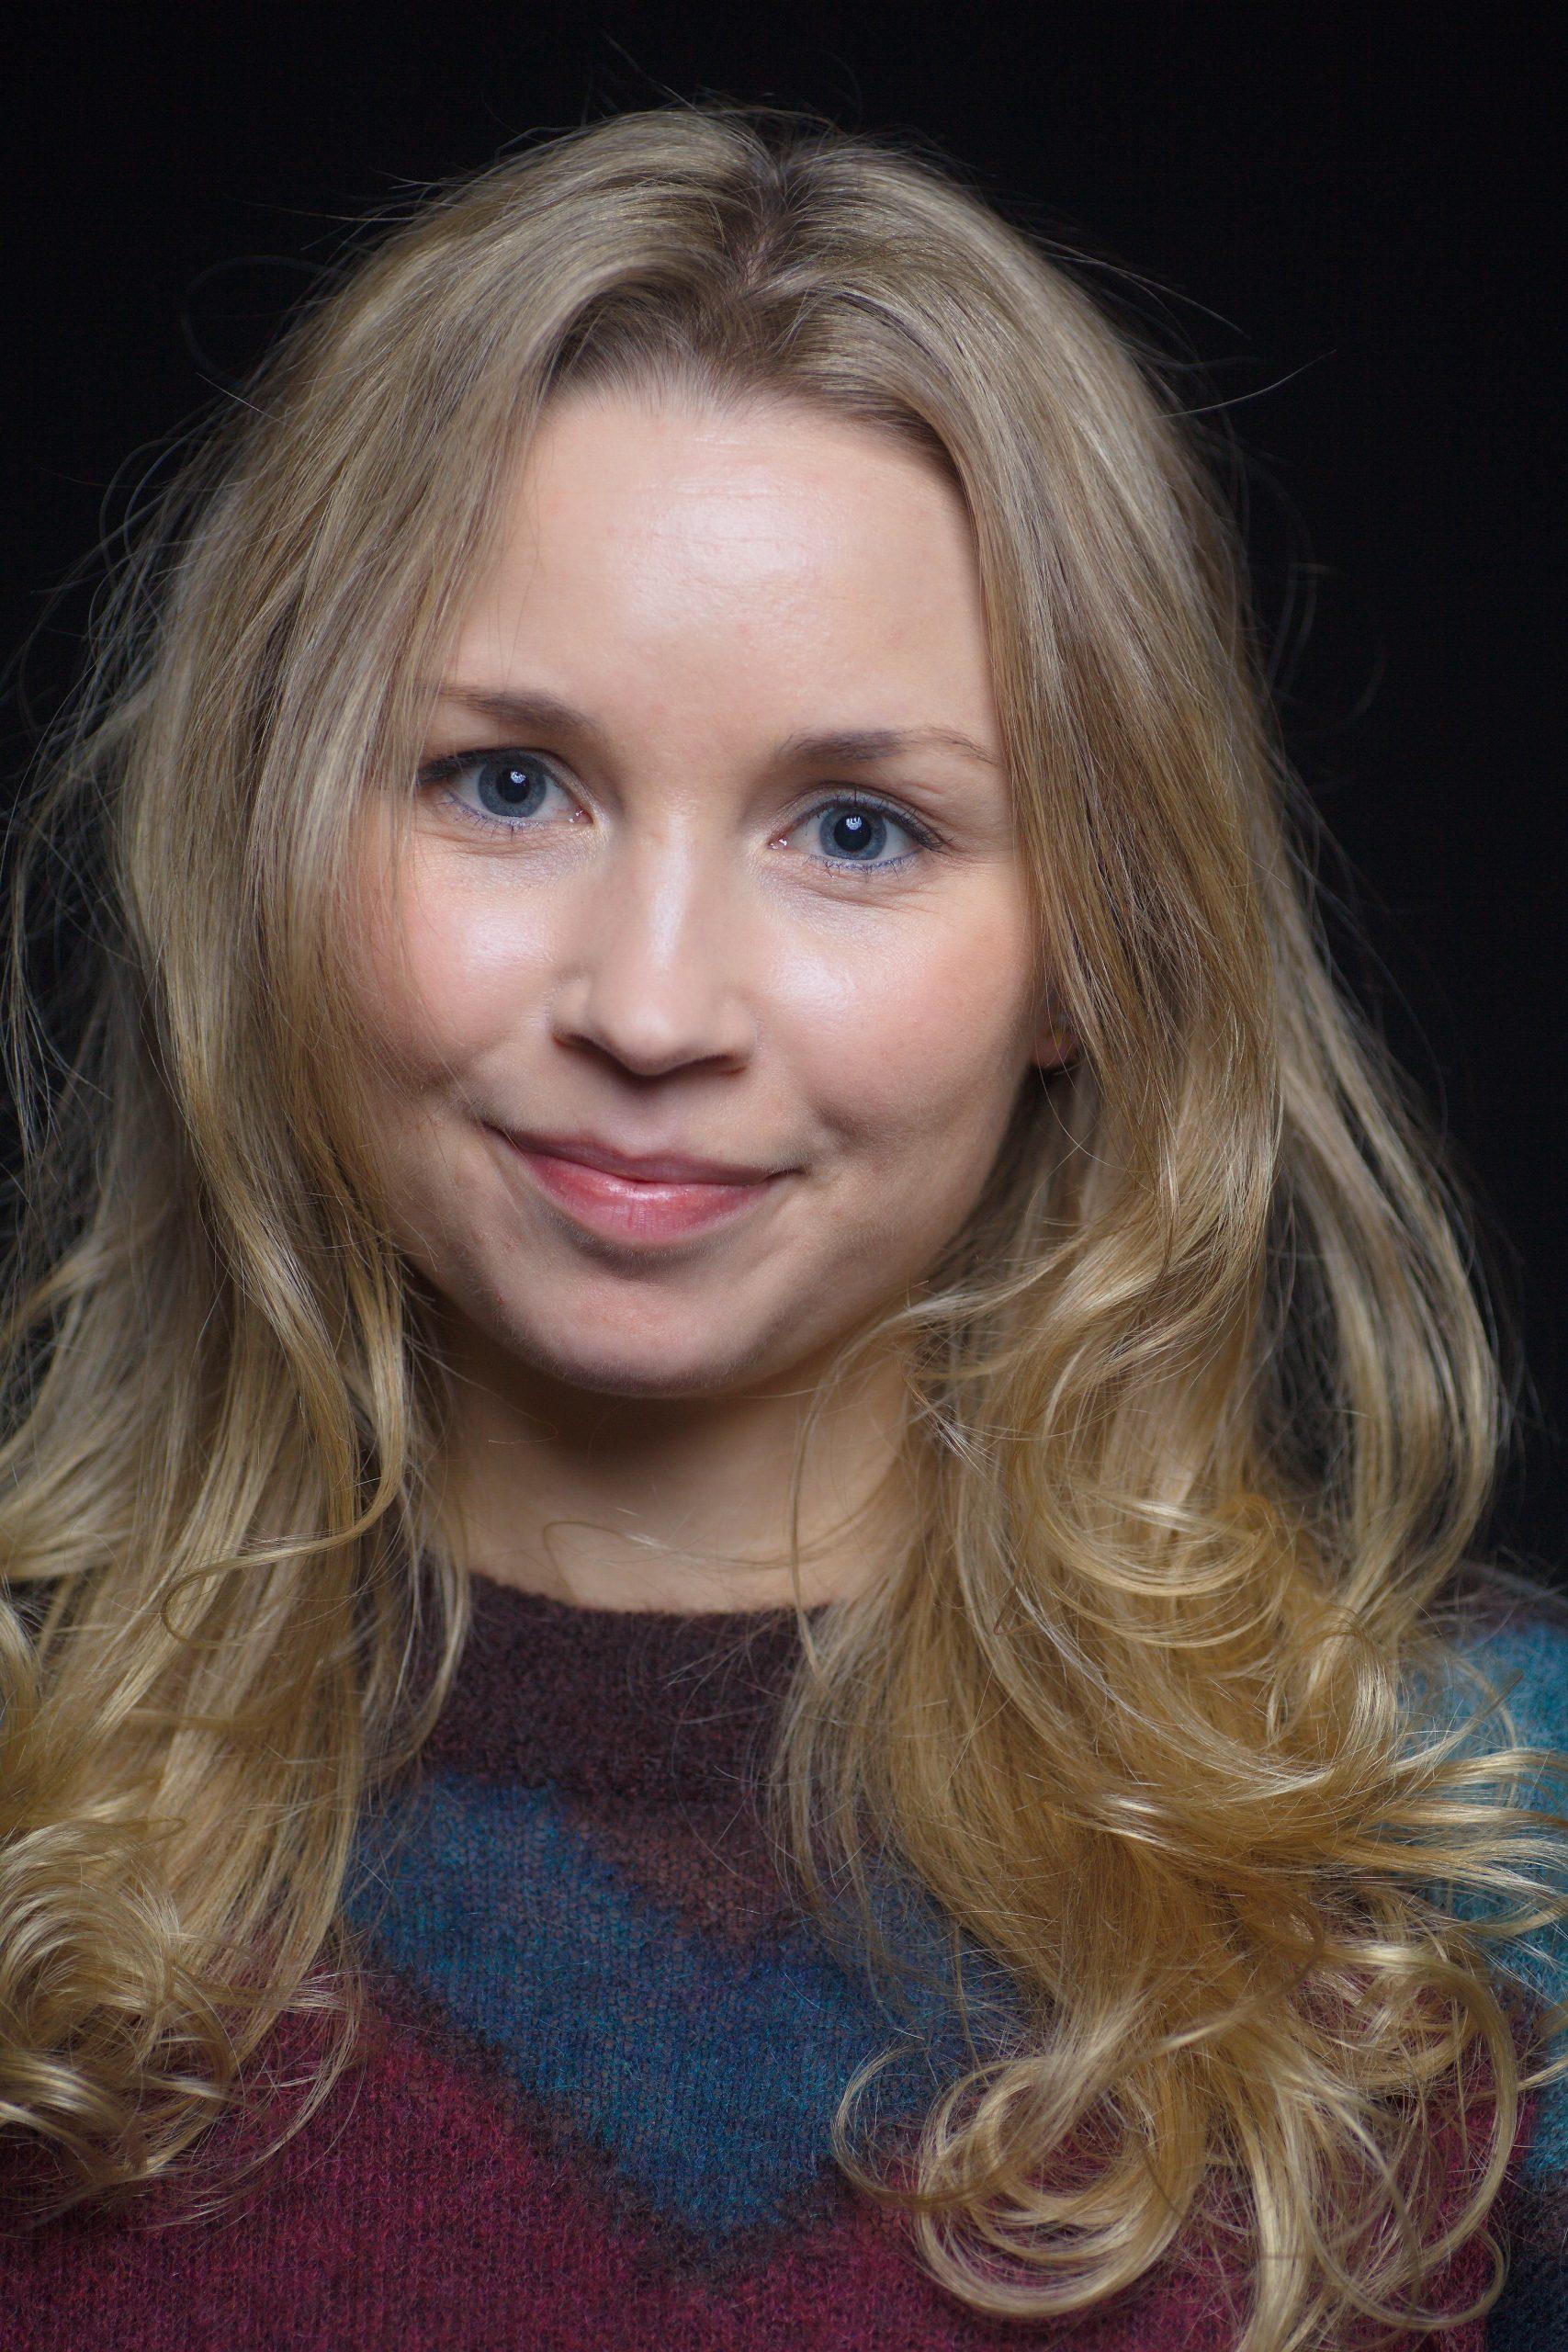 Intervju med Elina Immonen